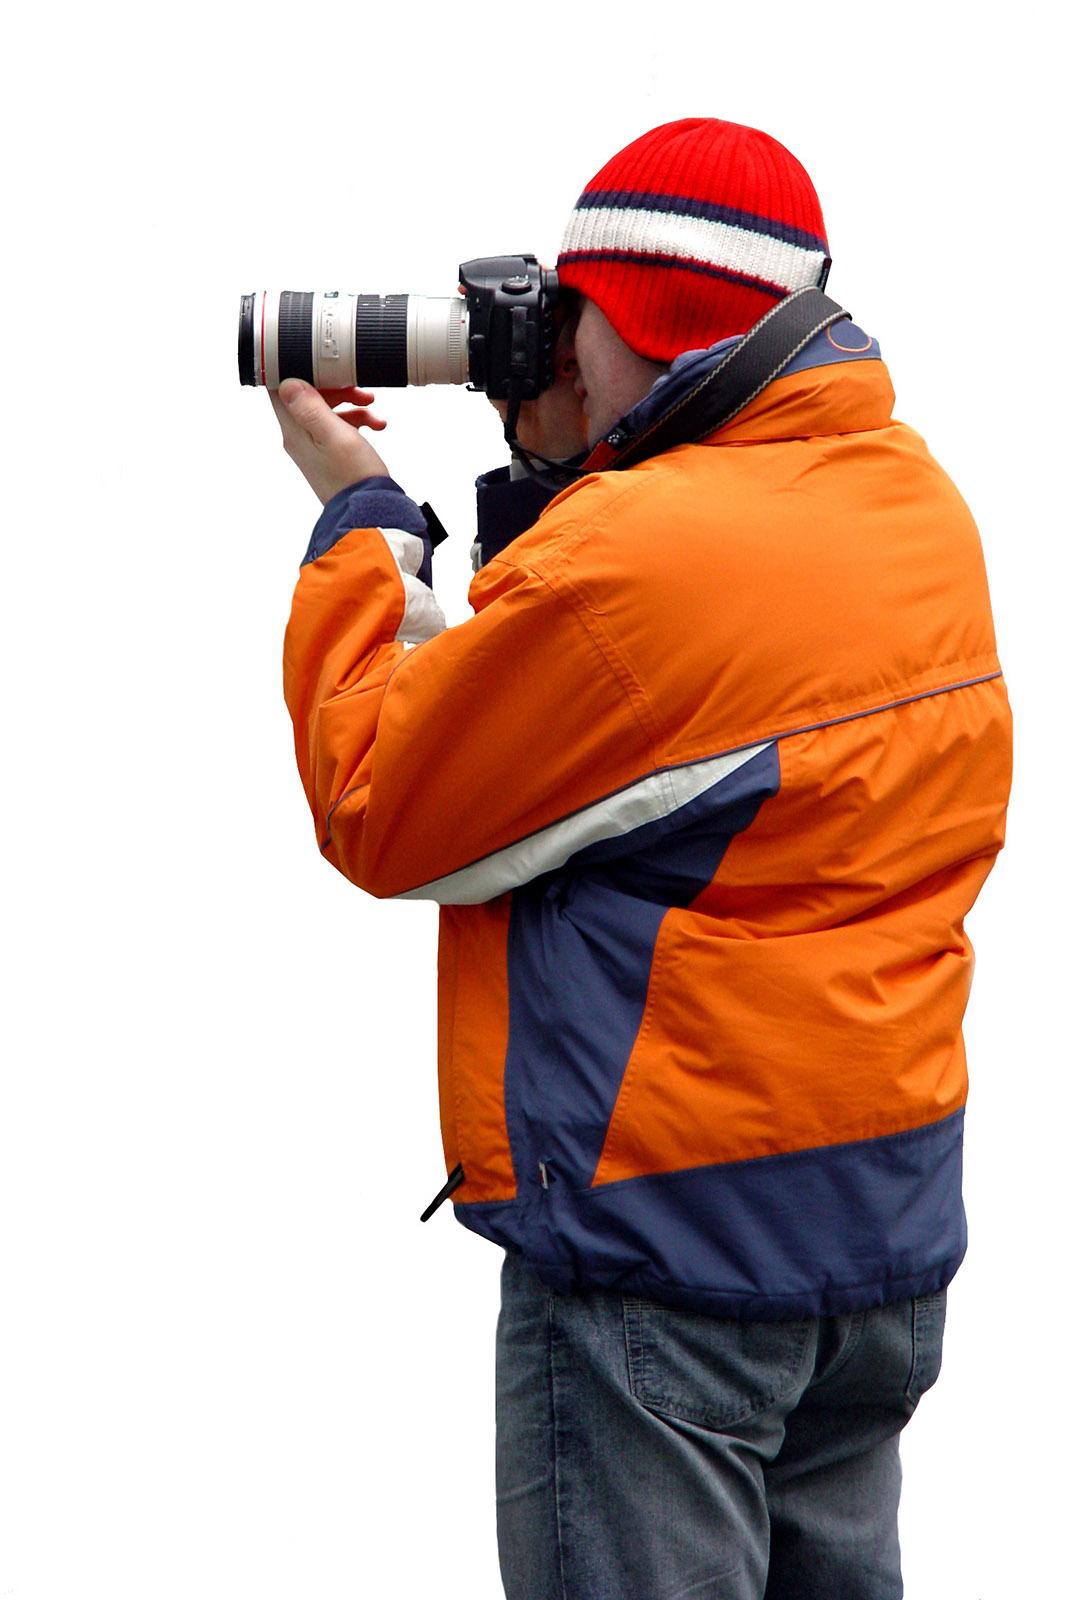 foto van man die foto maakt met grote lens op camera